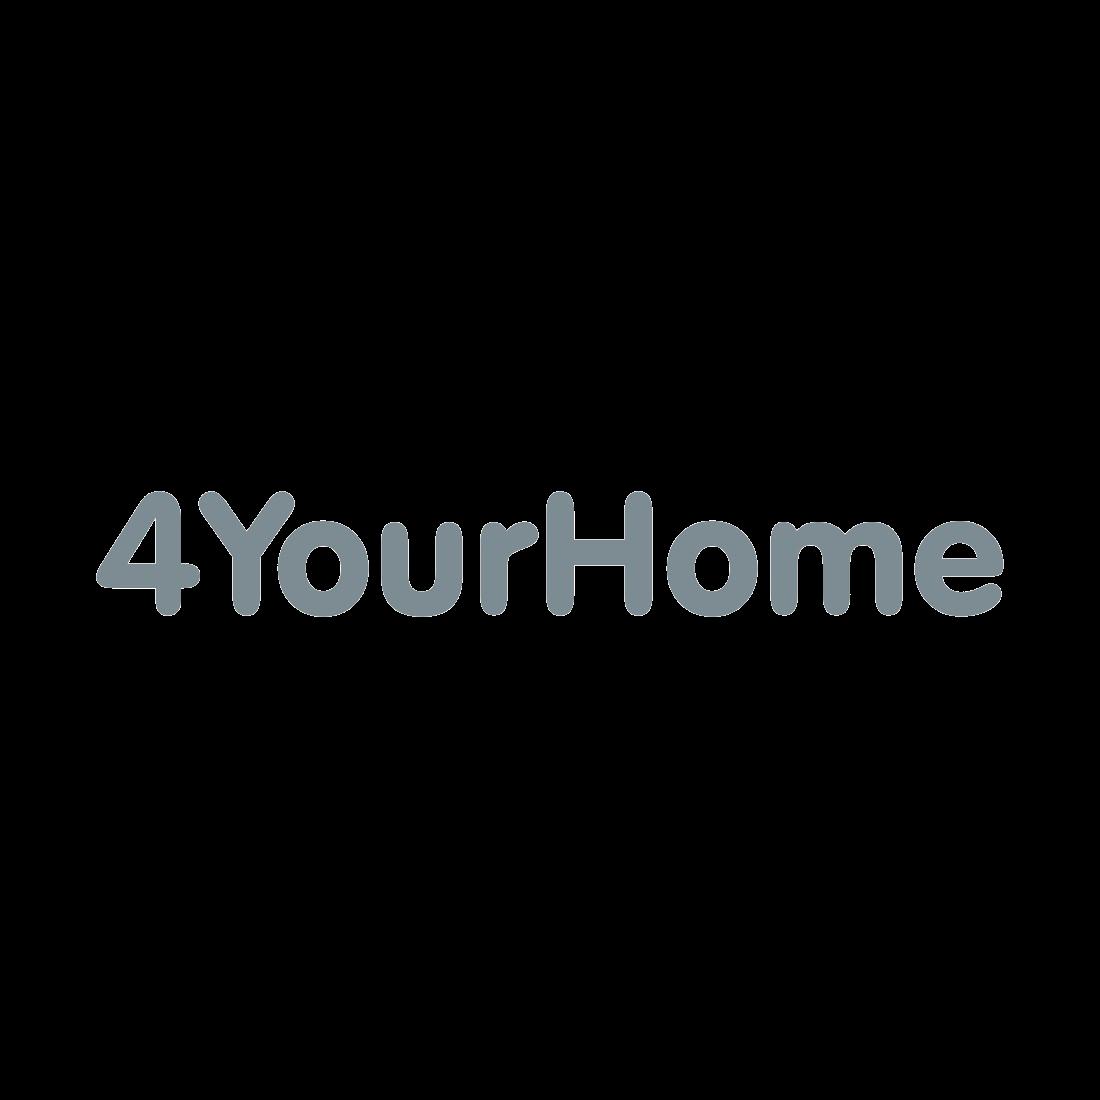 4YourHome